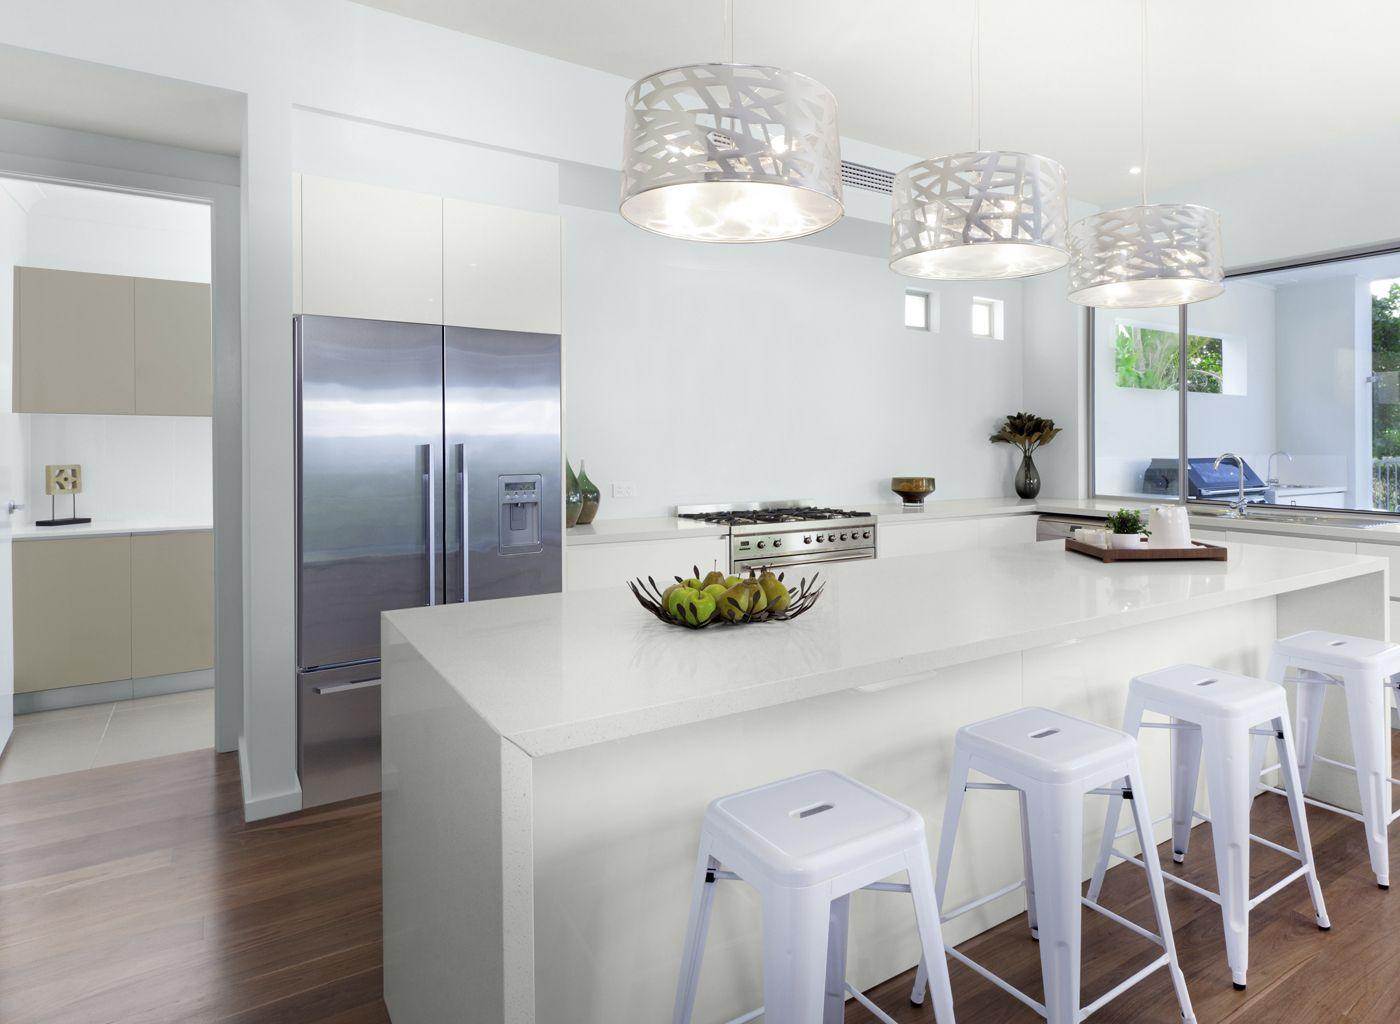 Aqua U0026 White Kitchen | Glidden White Lagoon